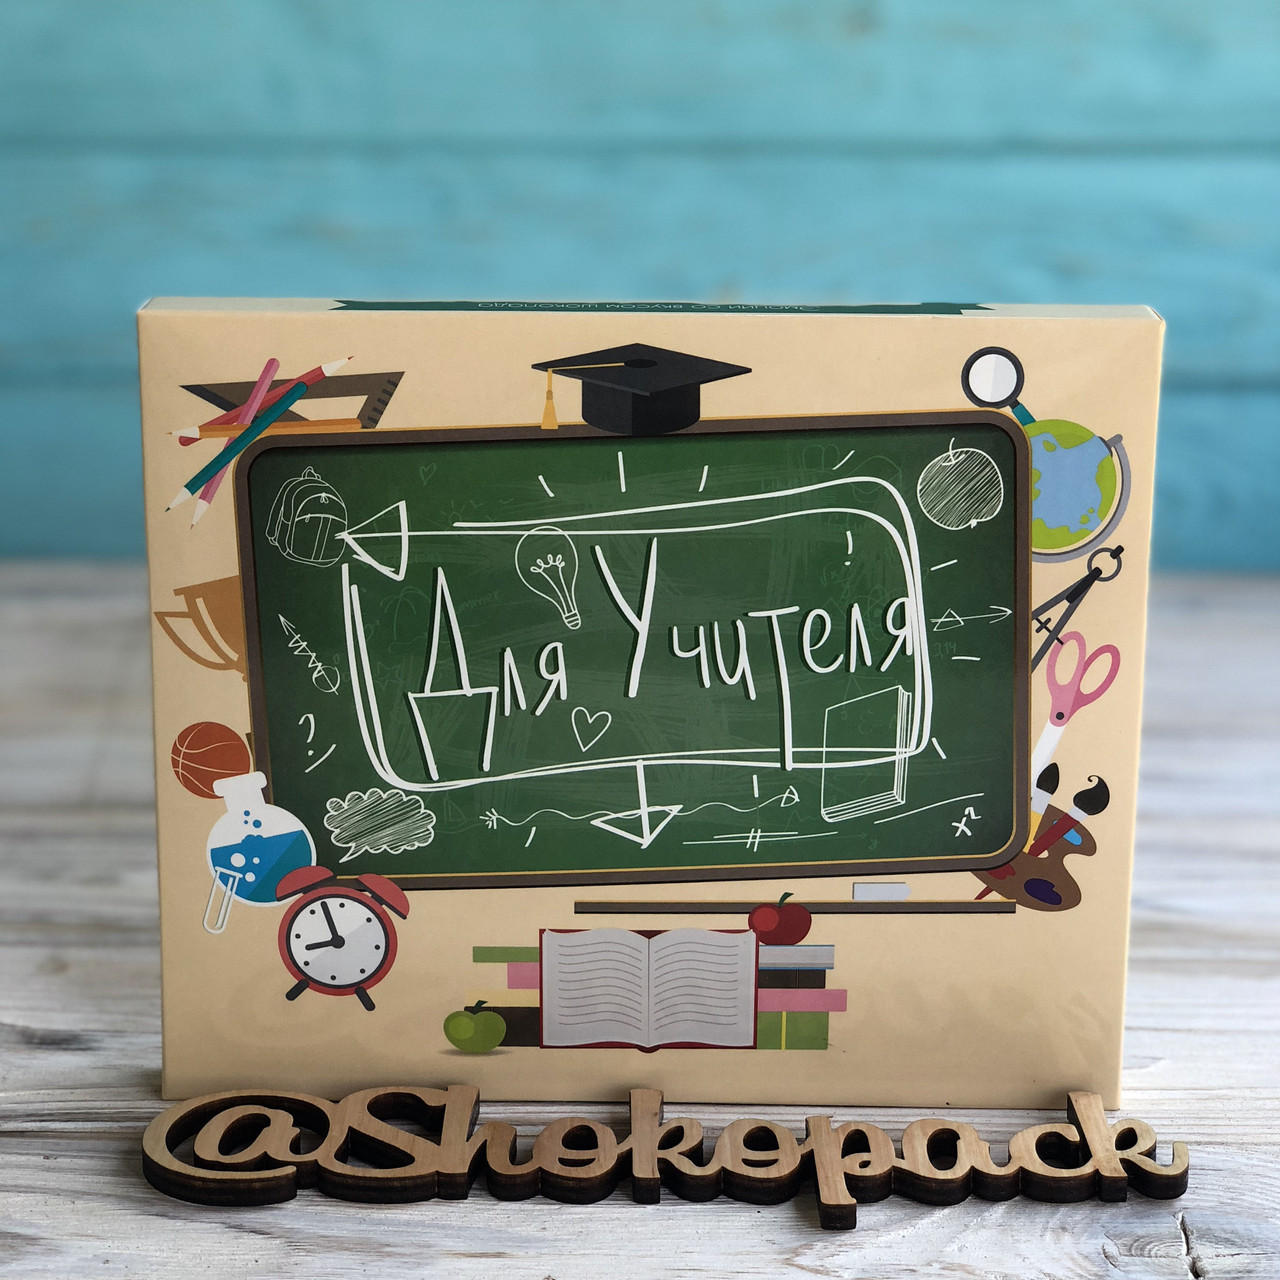 Шоколад для учителя